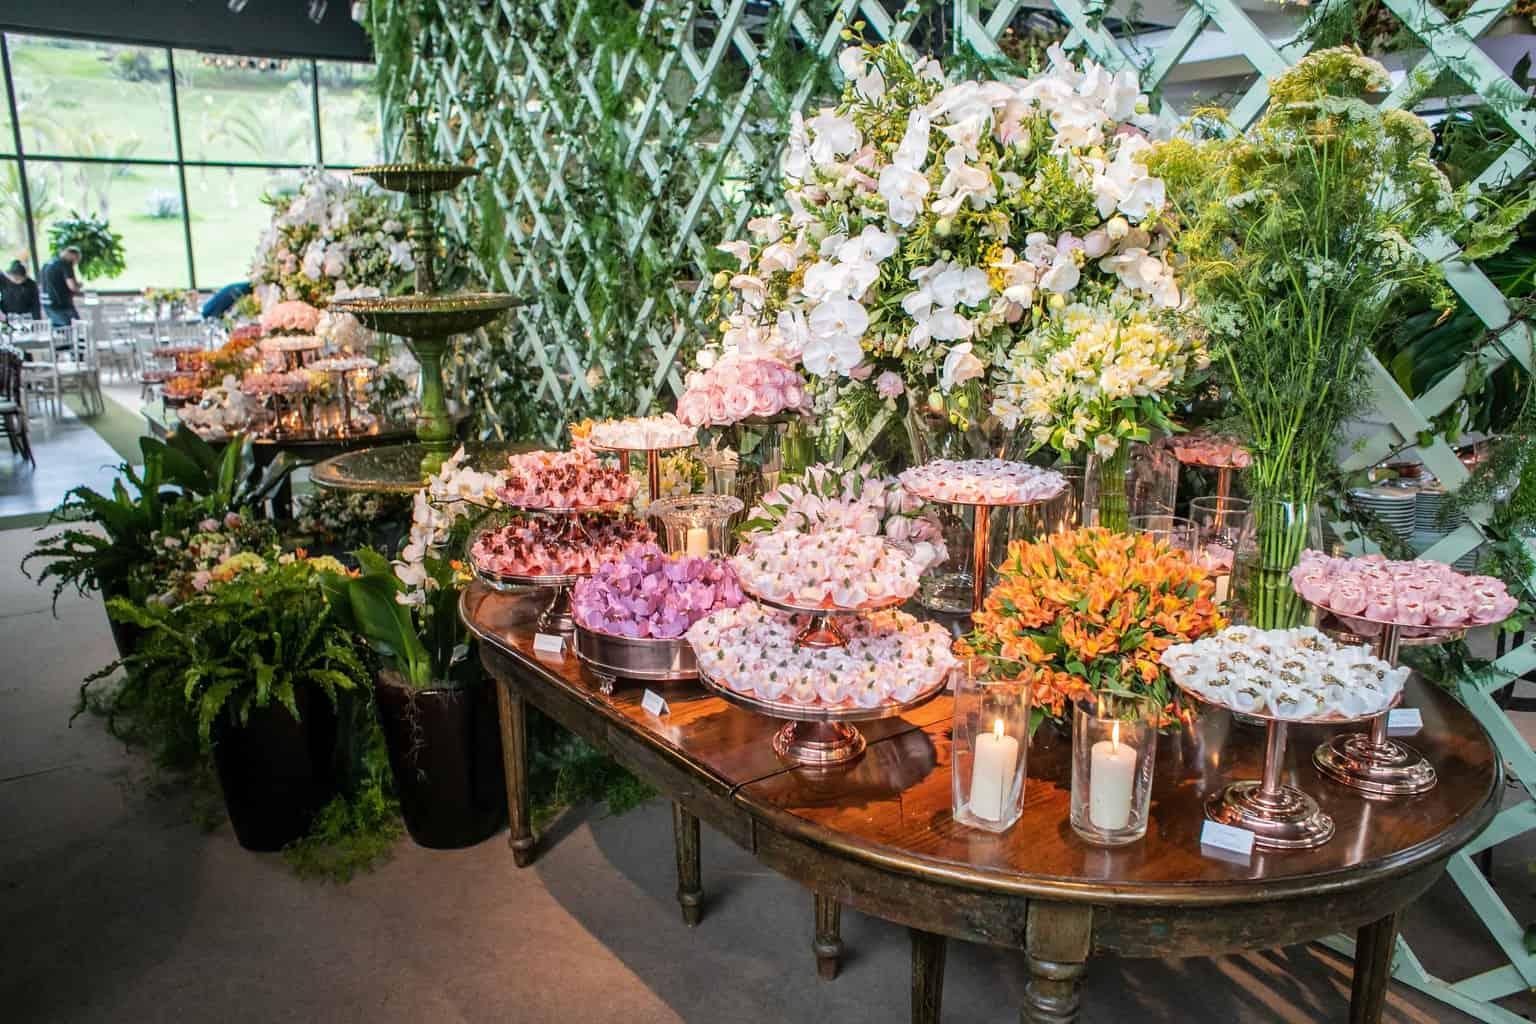 Casamento-Milene-e-Leonardo-decoracao-da-festa-mesa-de-doces-Roberto-Tamer-terras-claras111